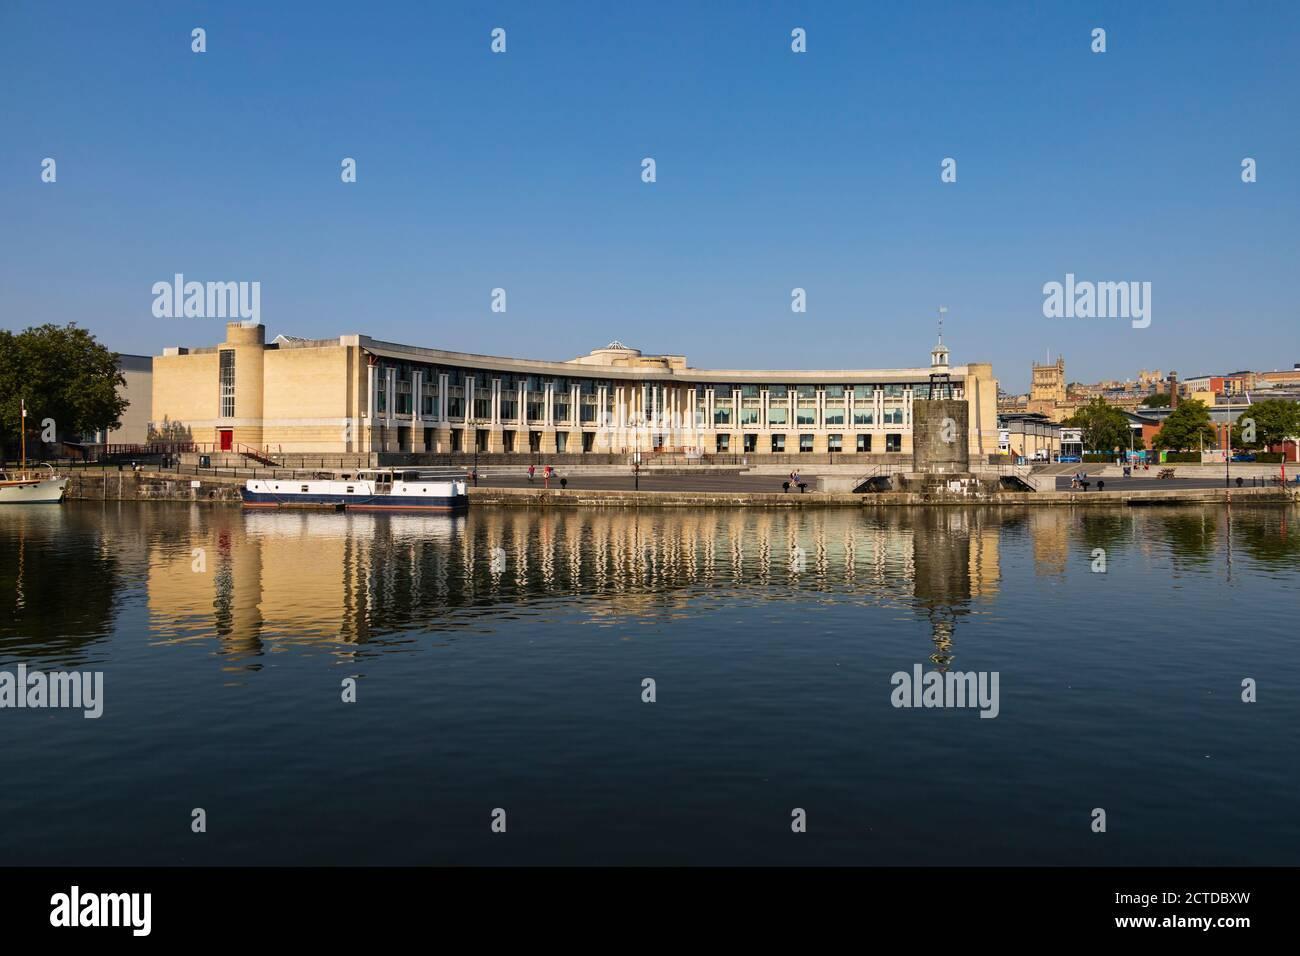 Lloyds Bank amphithéâtre, Bristol, Angleterre. Septembre 2020 Banque D'Images